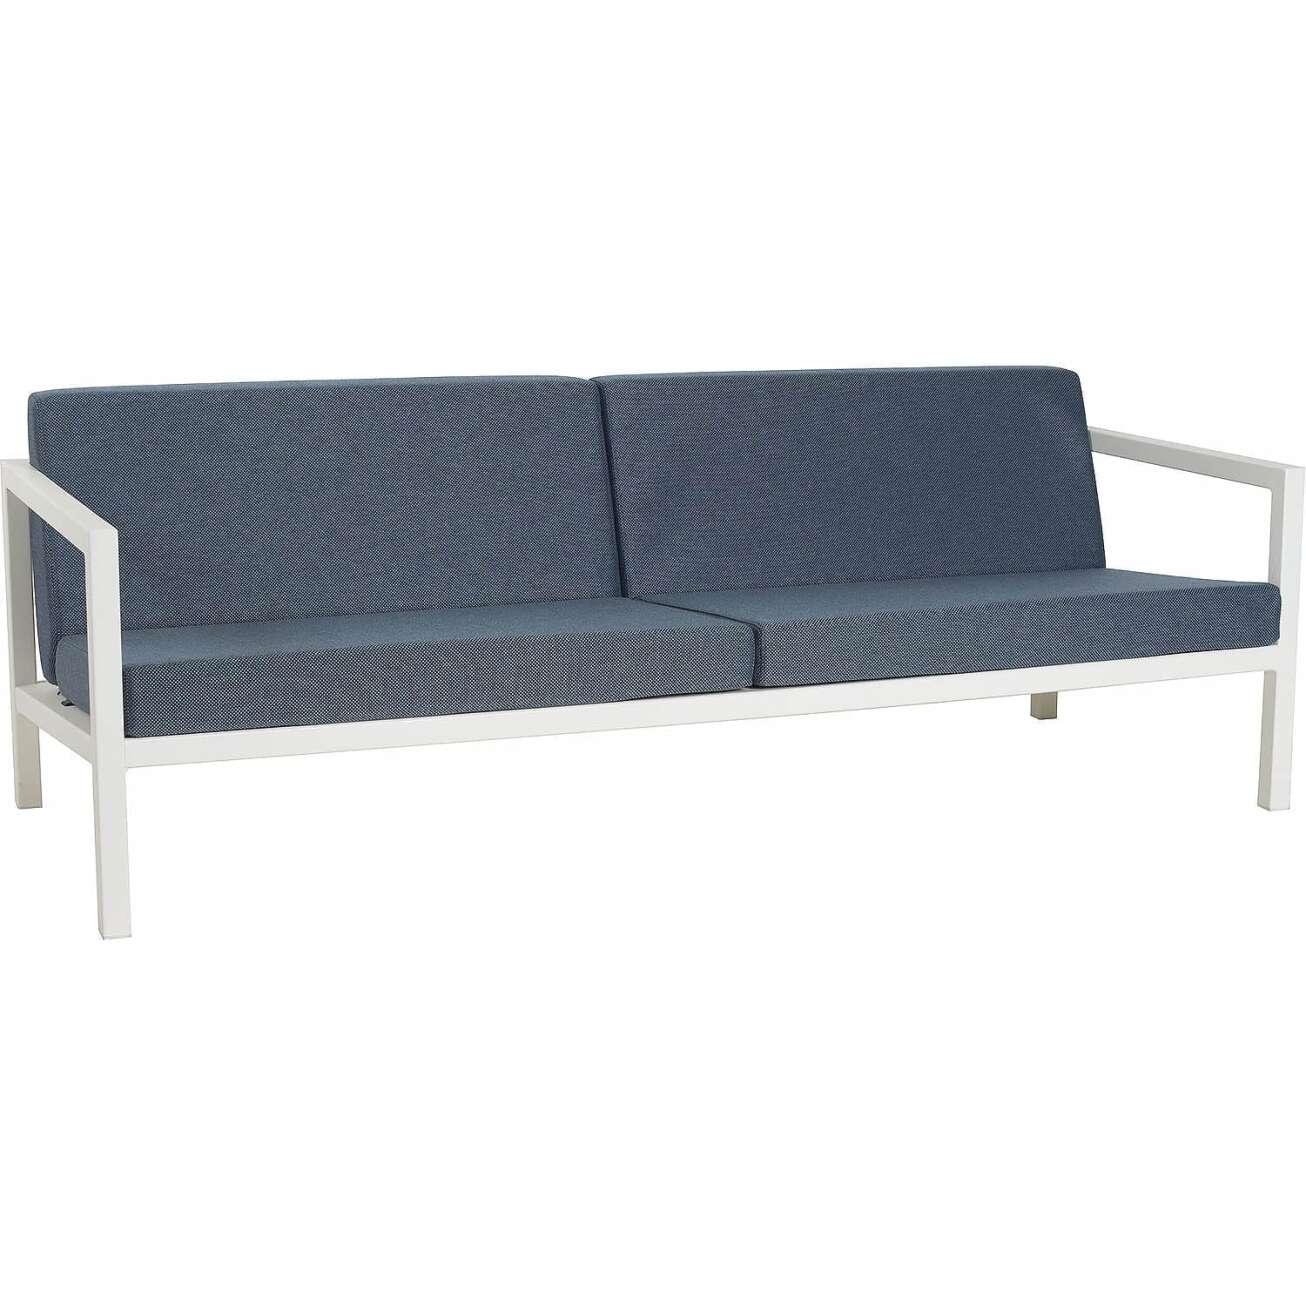 Sundays Frame 3-seter sofa i hvit aluminium med blå puter